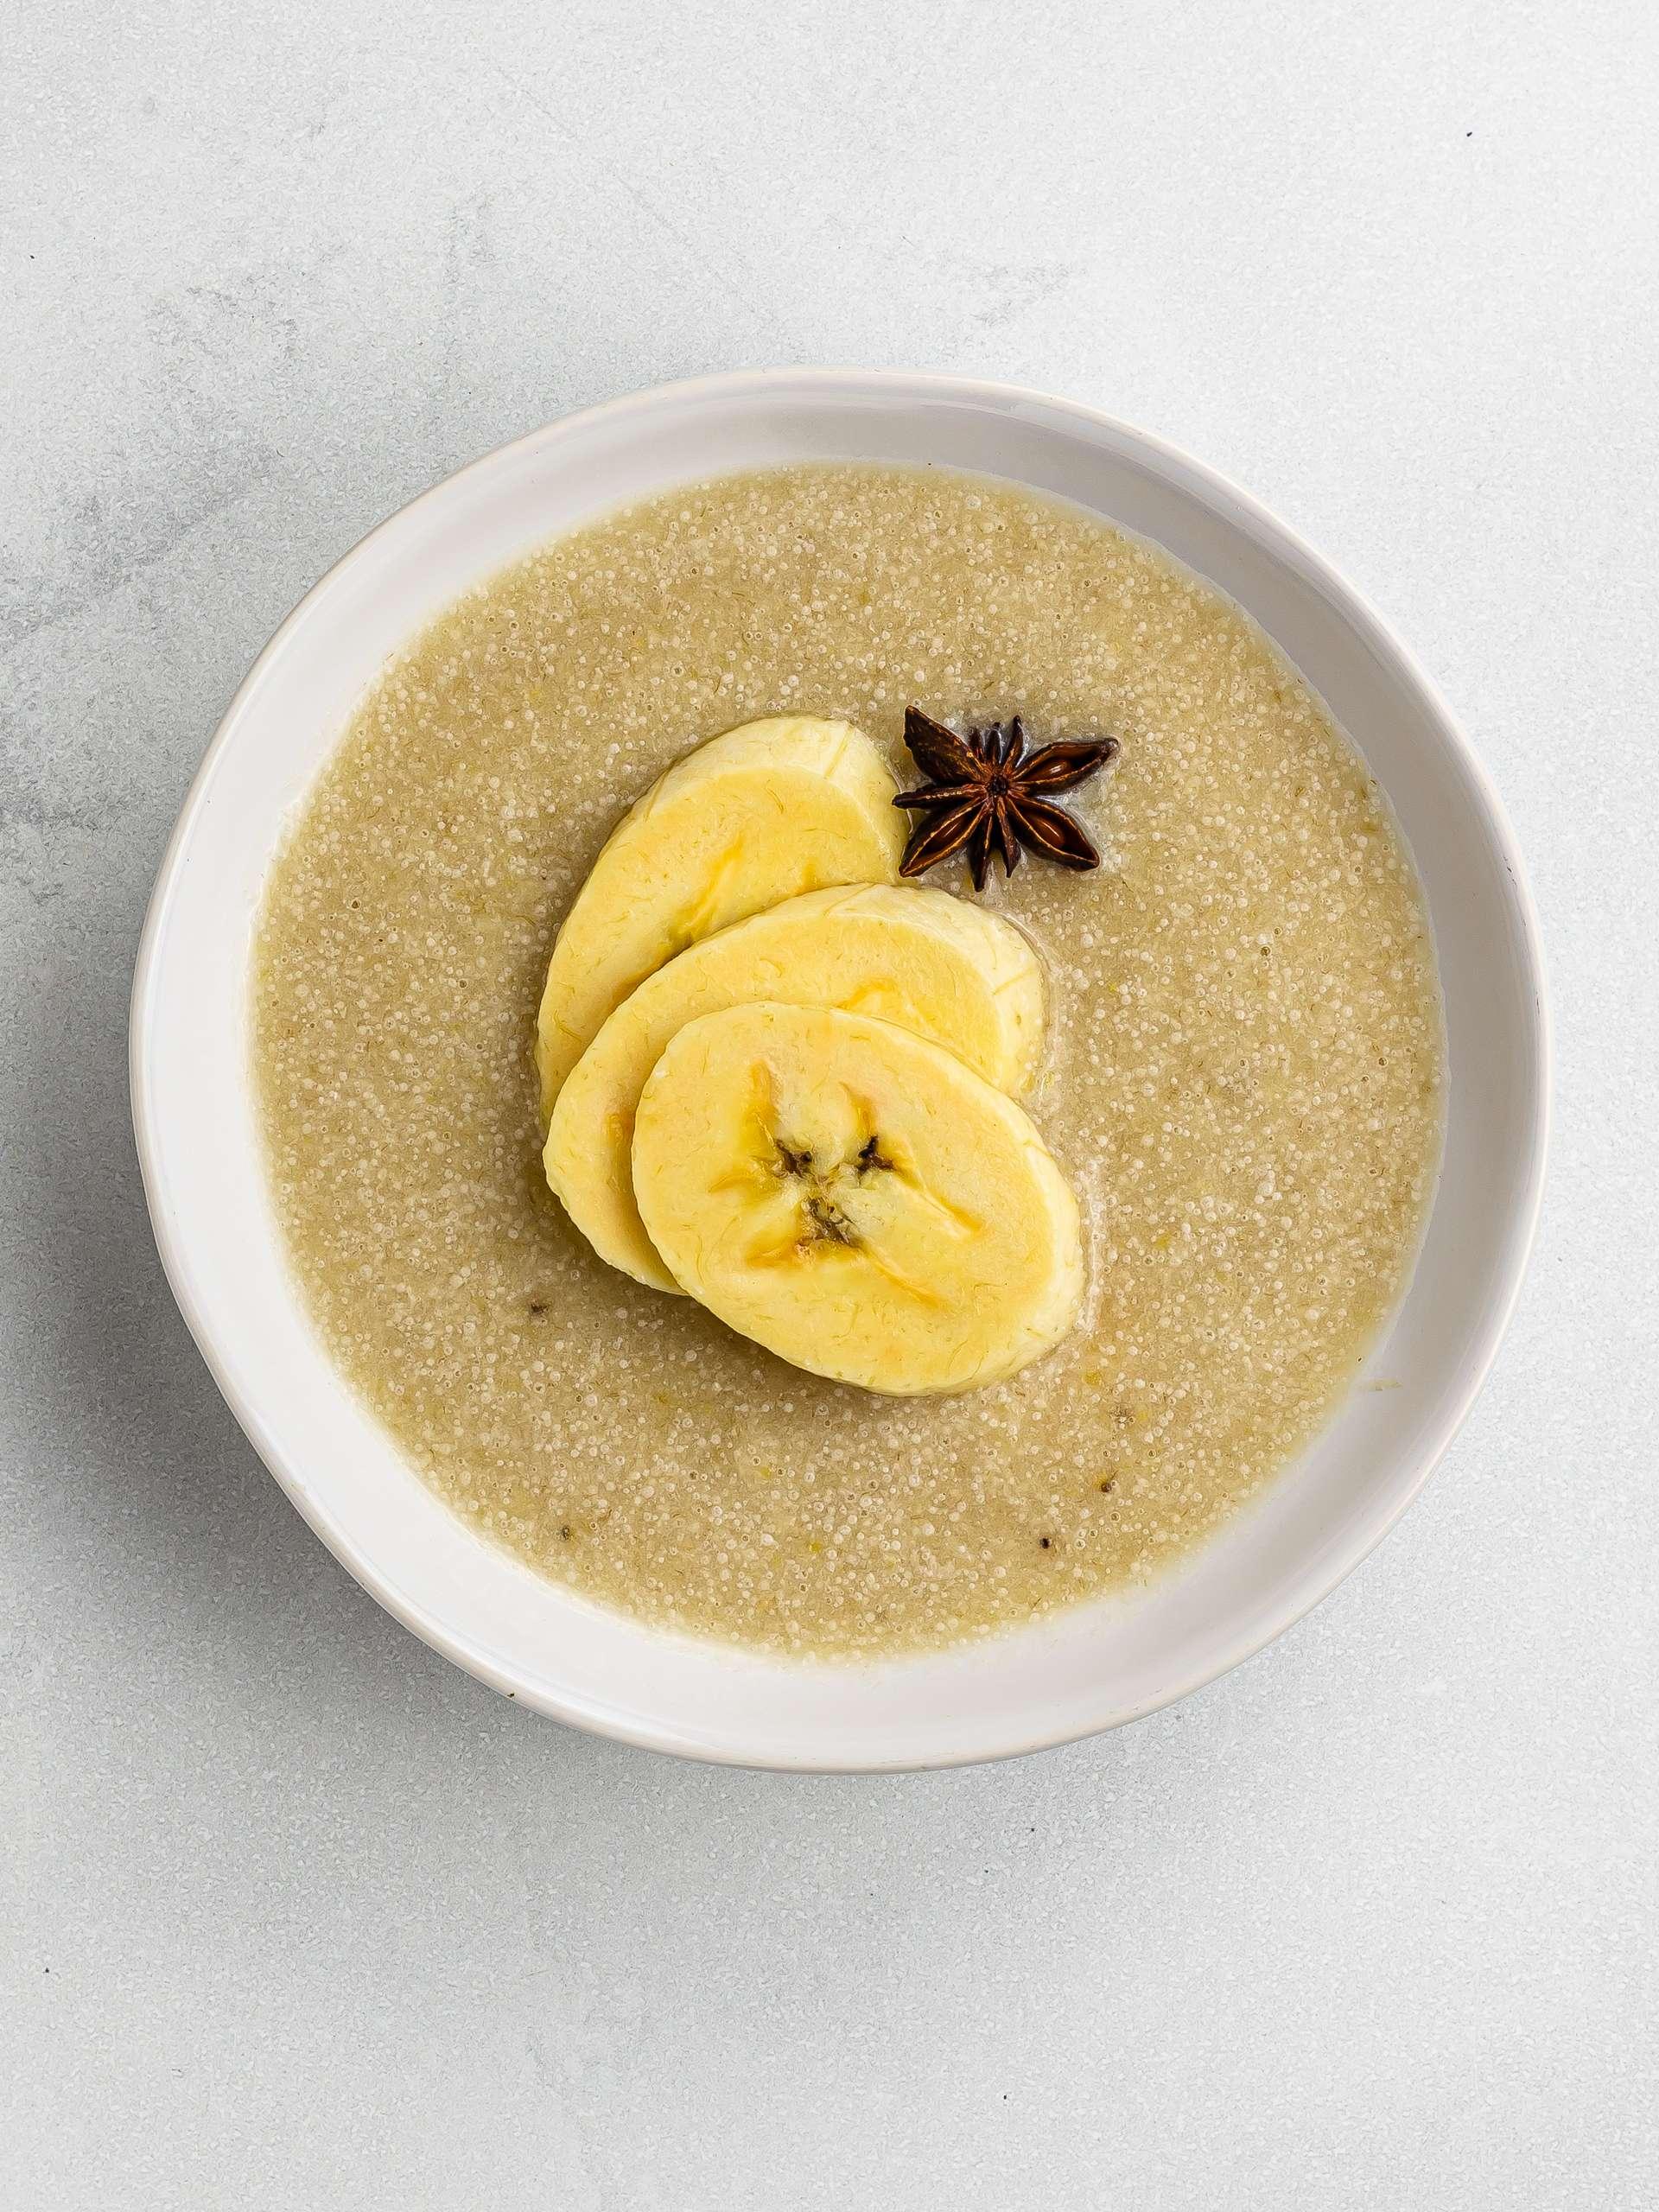 haitian plantain porridge in a bowl